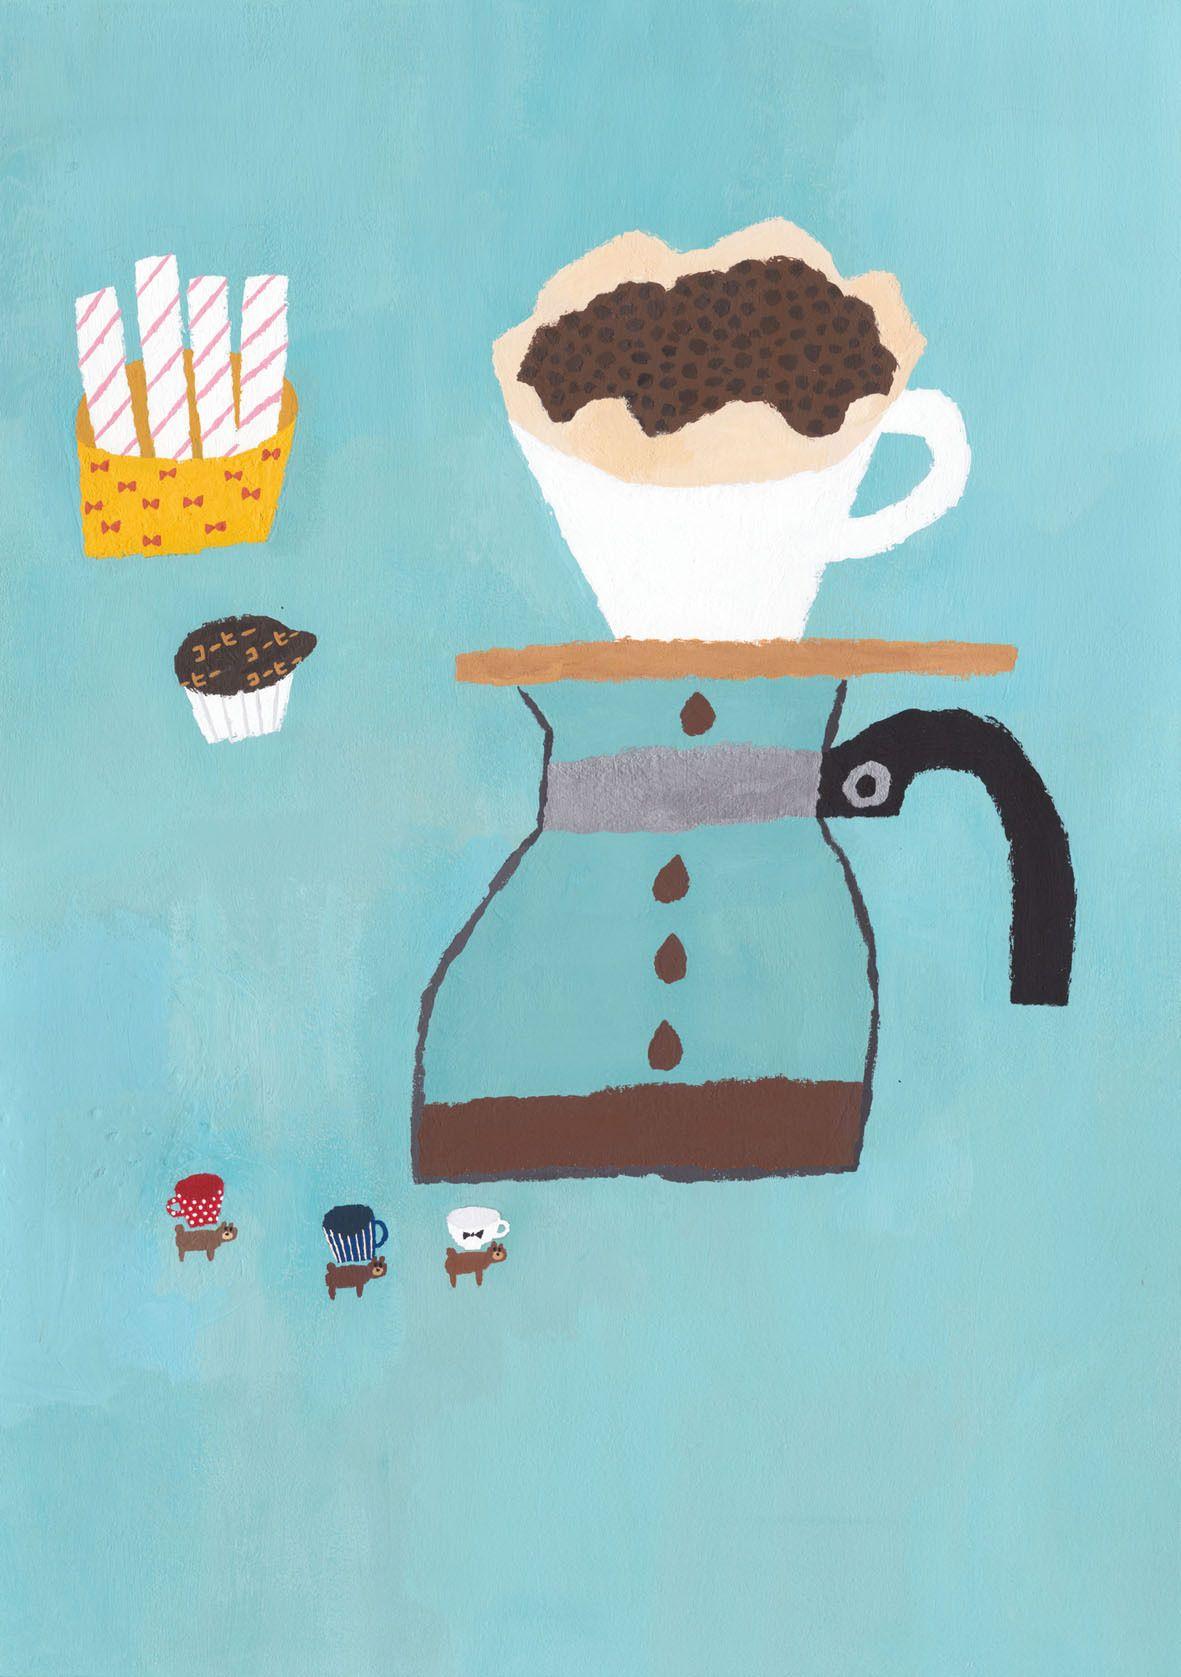 かわいいイラスト おしゃれまとめの人気アイデア Pinterest Yuki 2020 コーヒーのイラスト キュートなイラスト カフェイラスト